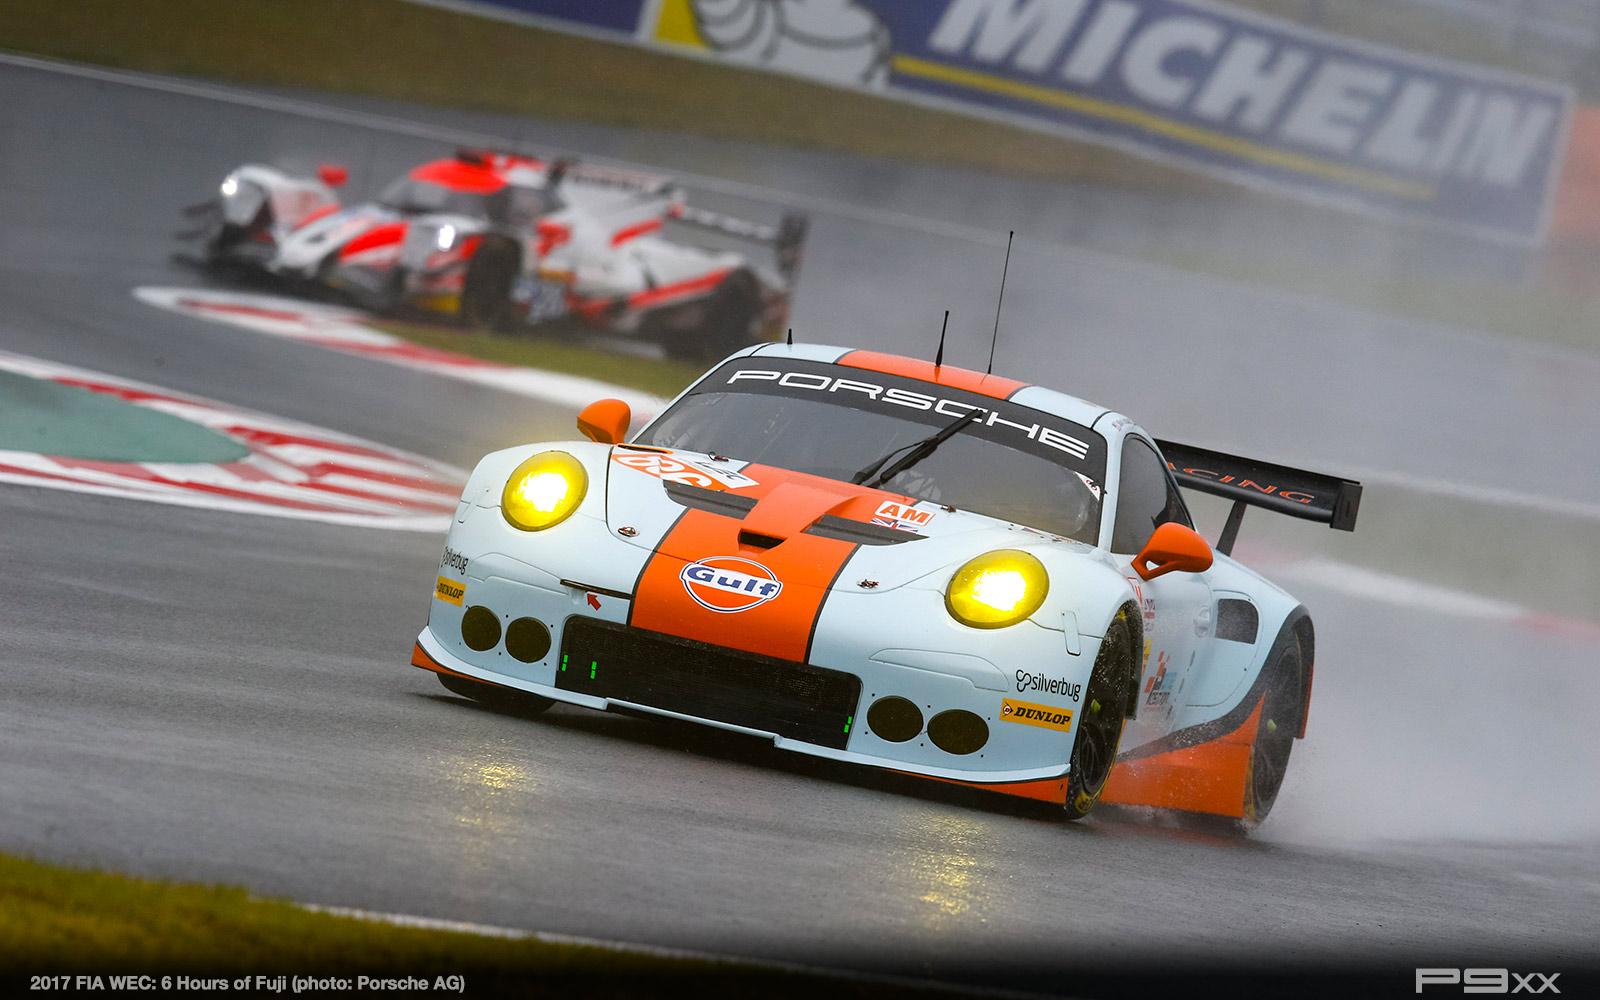 2017-FIA-WEC-6h-of-Fuji-Porsche-482